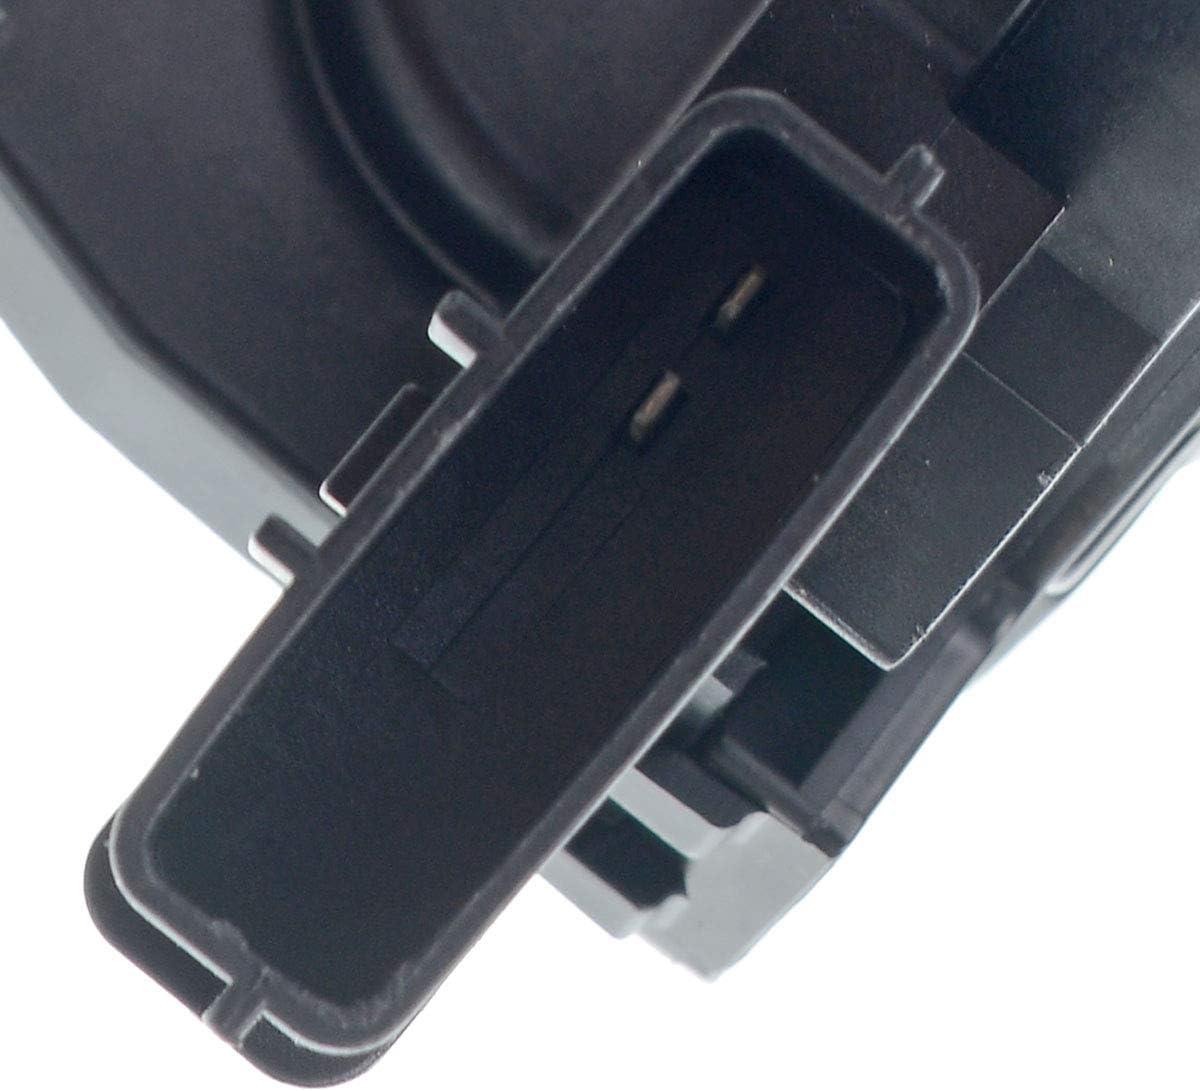 A-Premium Door Lock Actuator Motor Compatible with Nissan Versa 2012-2017 with Power Door Lock Front Right Passenger Side